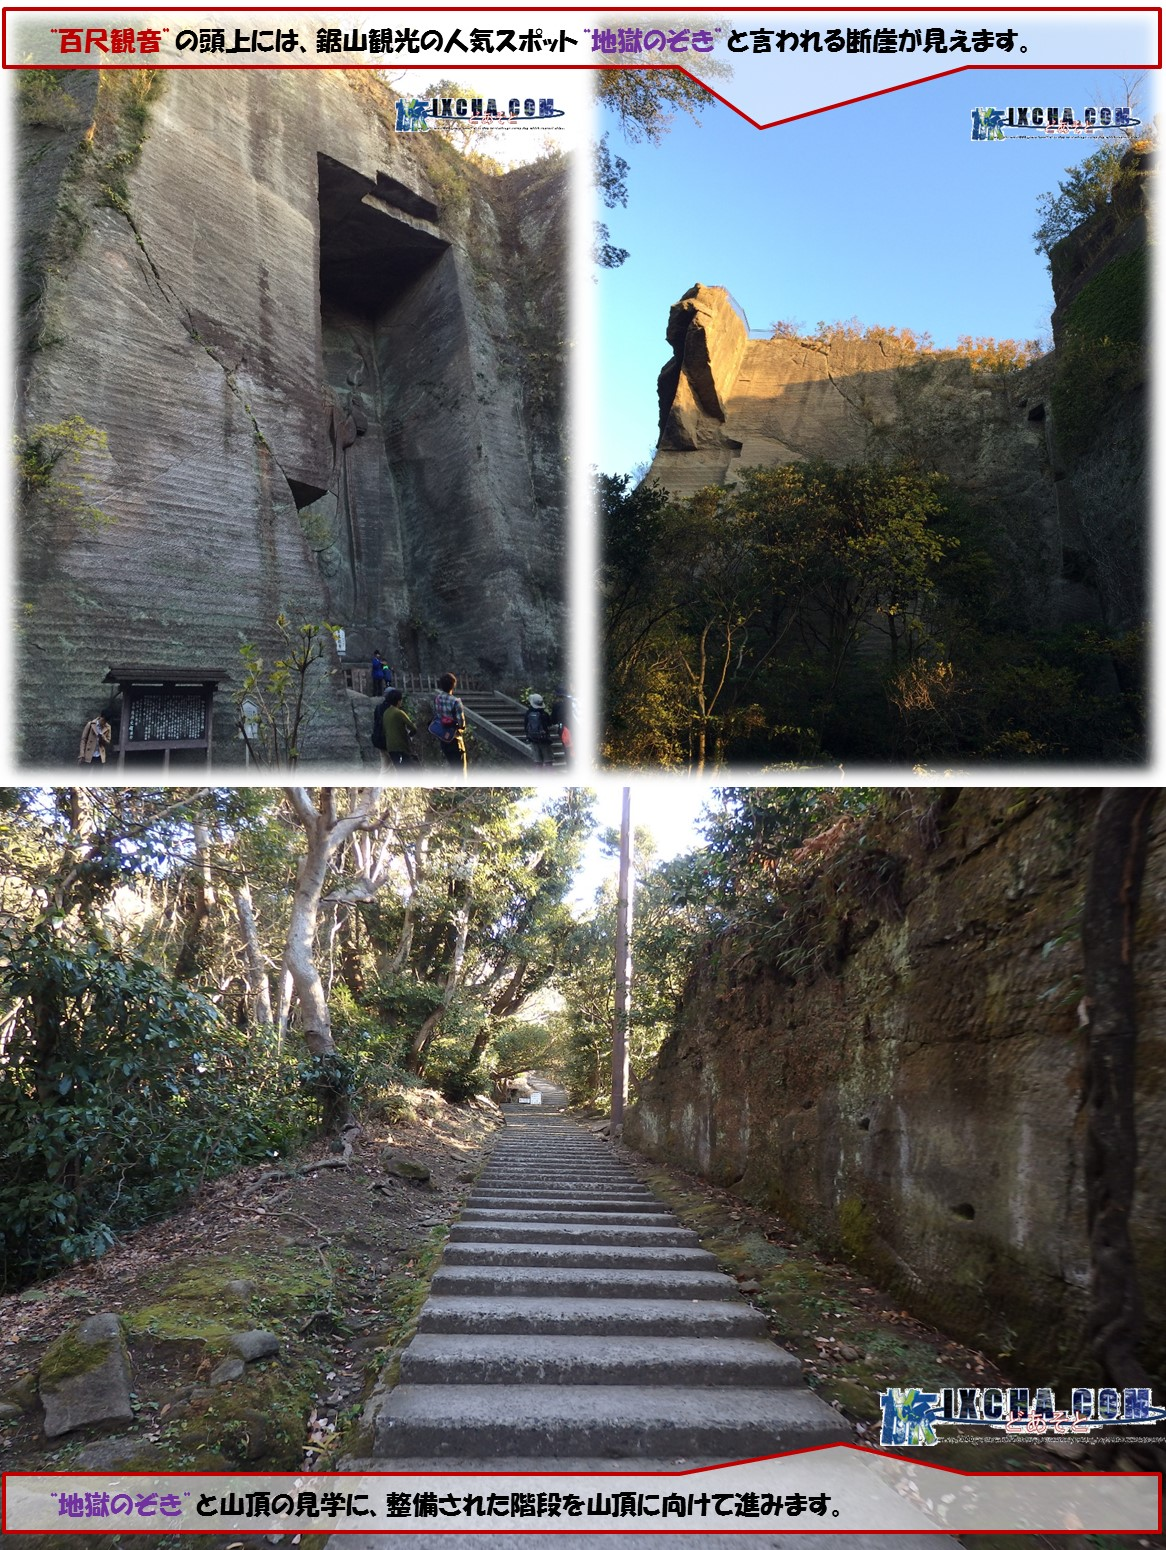 """""""百尺観音""""の頭上には、鋸山観光の人気スポット""""地獄のぞき""""と言われる断崖が見えます。  """"地獄のぞき""""と山頂の見学に、整備された階段を山頂に向けて進みます。"""